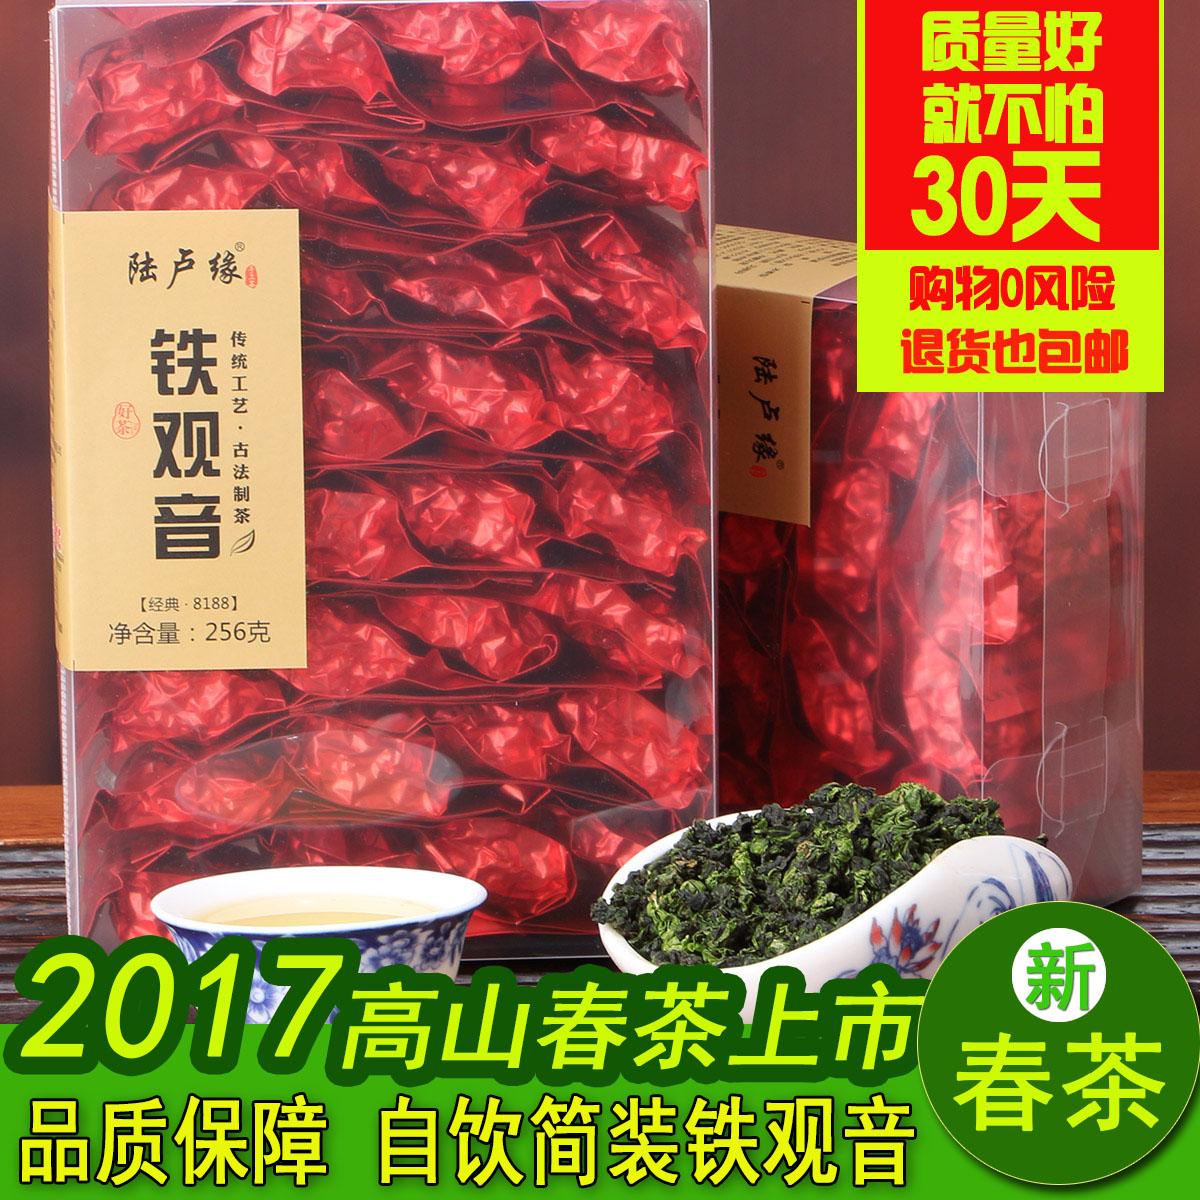 2017 весна чай специальная марка сейф ручей железо гуань-инь новый чай аромат тип чай подарок аромат черный дракон чай 500g масса